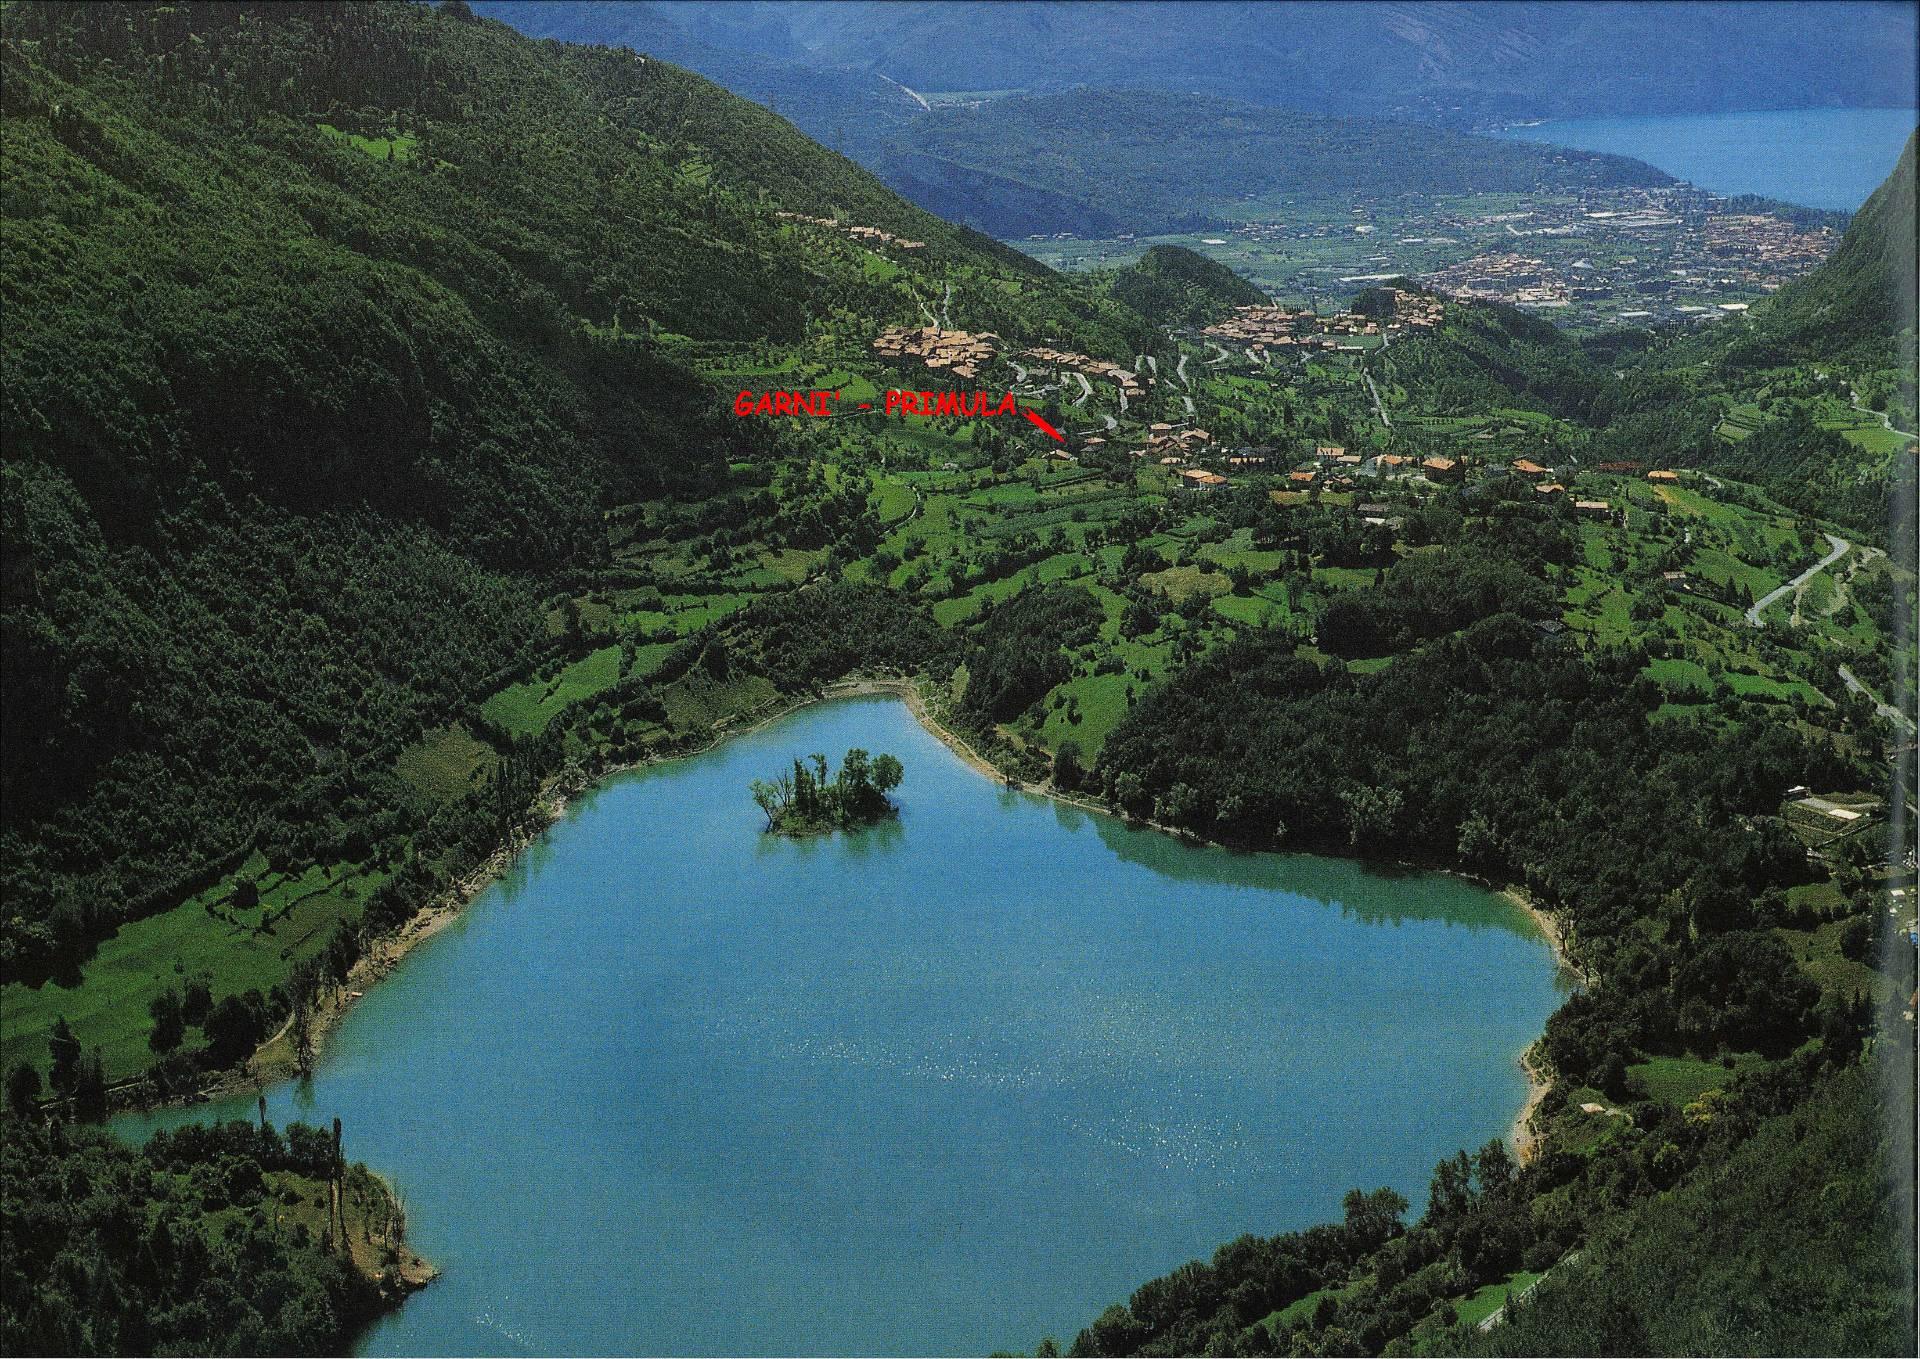 Villa in vendita a Tenno, 8 locali, zona Località: VilledelMonte(LagodiTenno, Trattative riservate | CambioCasa.it